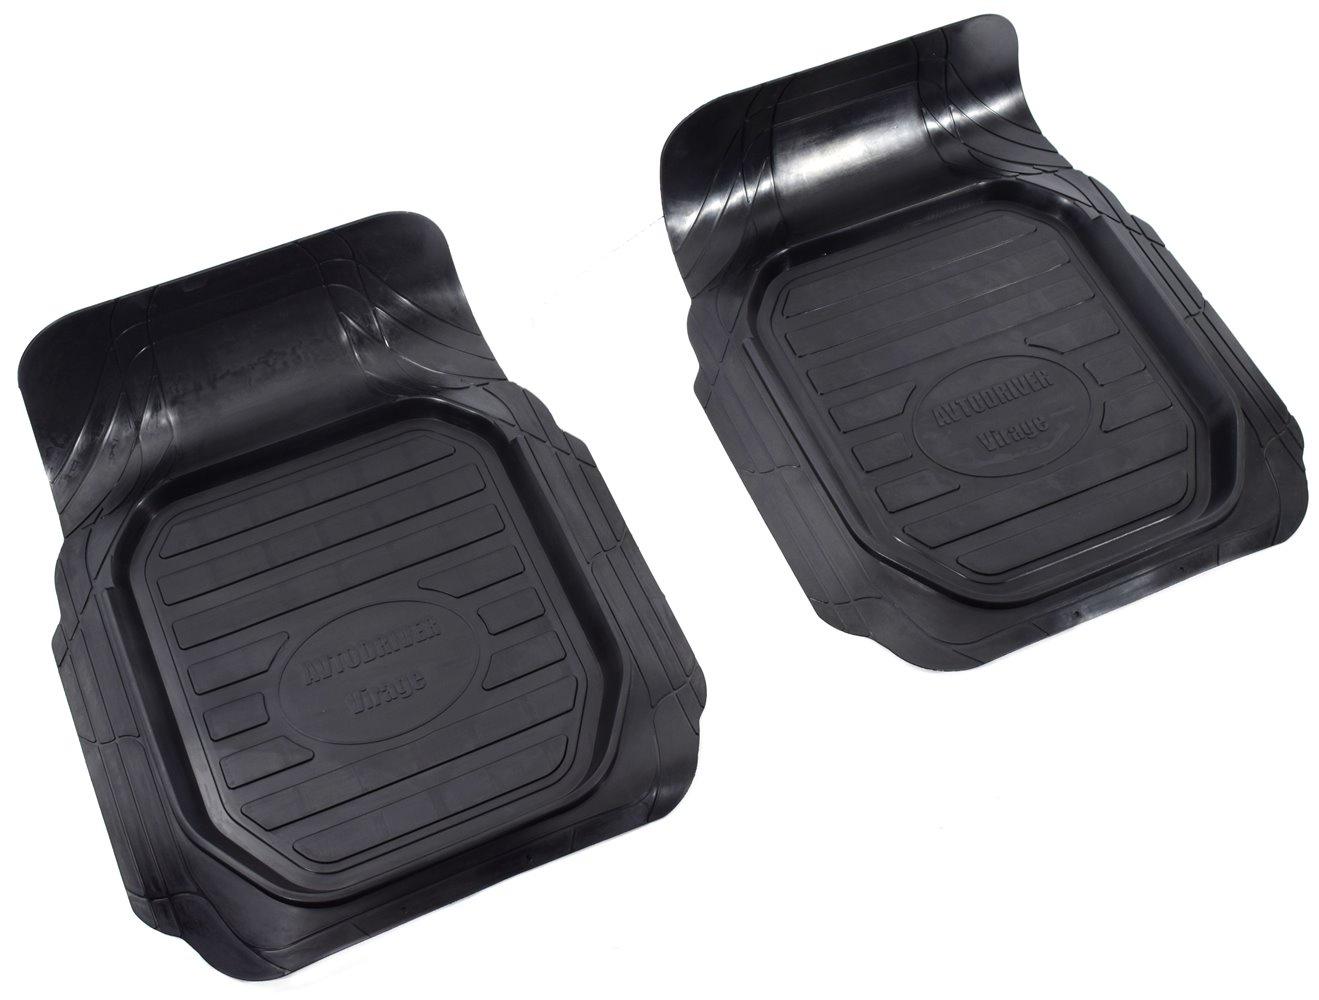 игровые коврики Коврики в салон автомобиля Avtodriver Вираж, универсальные, 2 передних, ADRU005, резиновые, с бортиком, черный